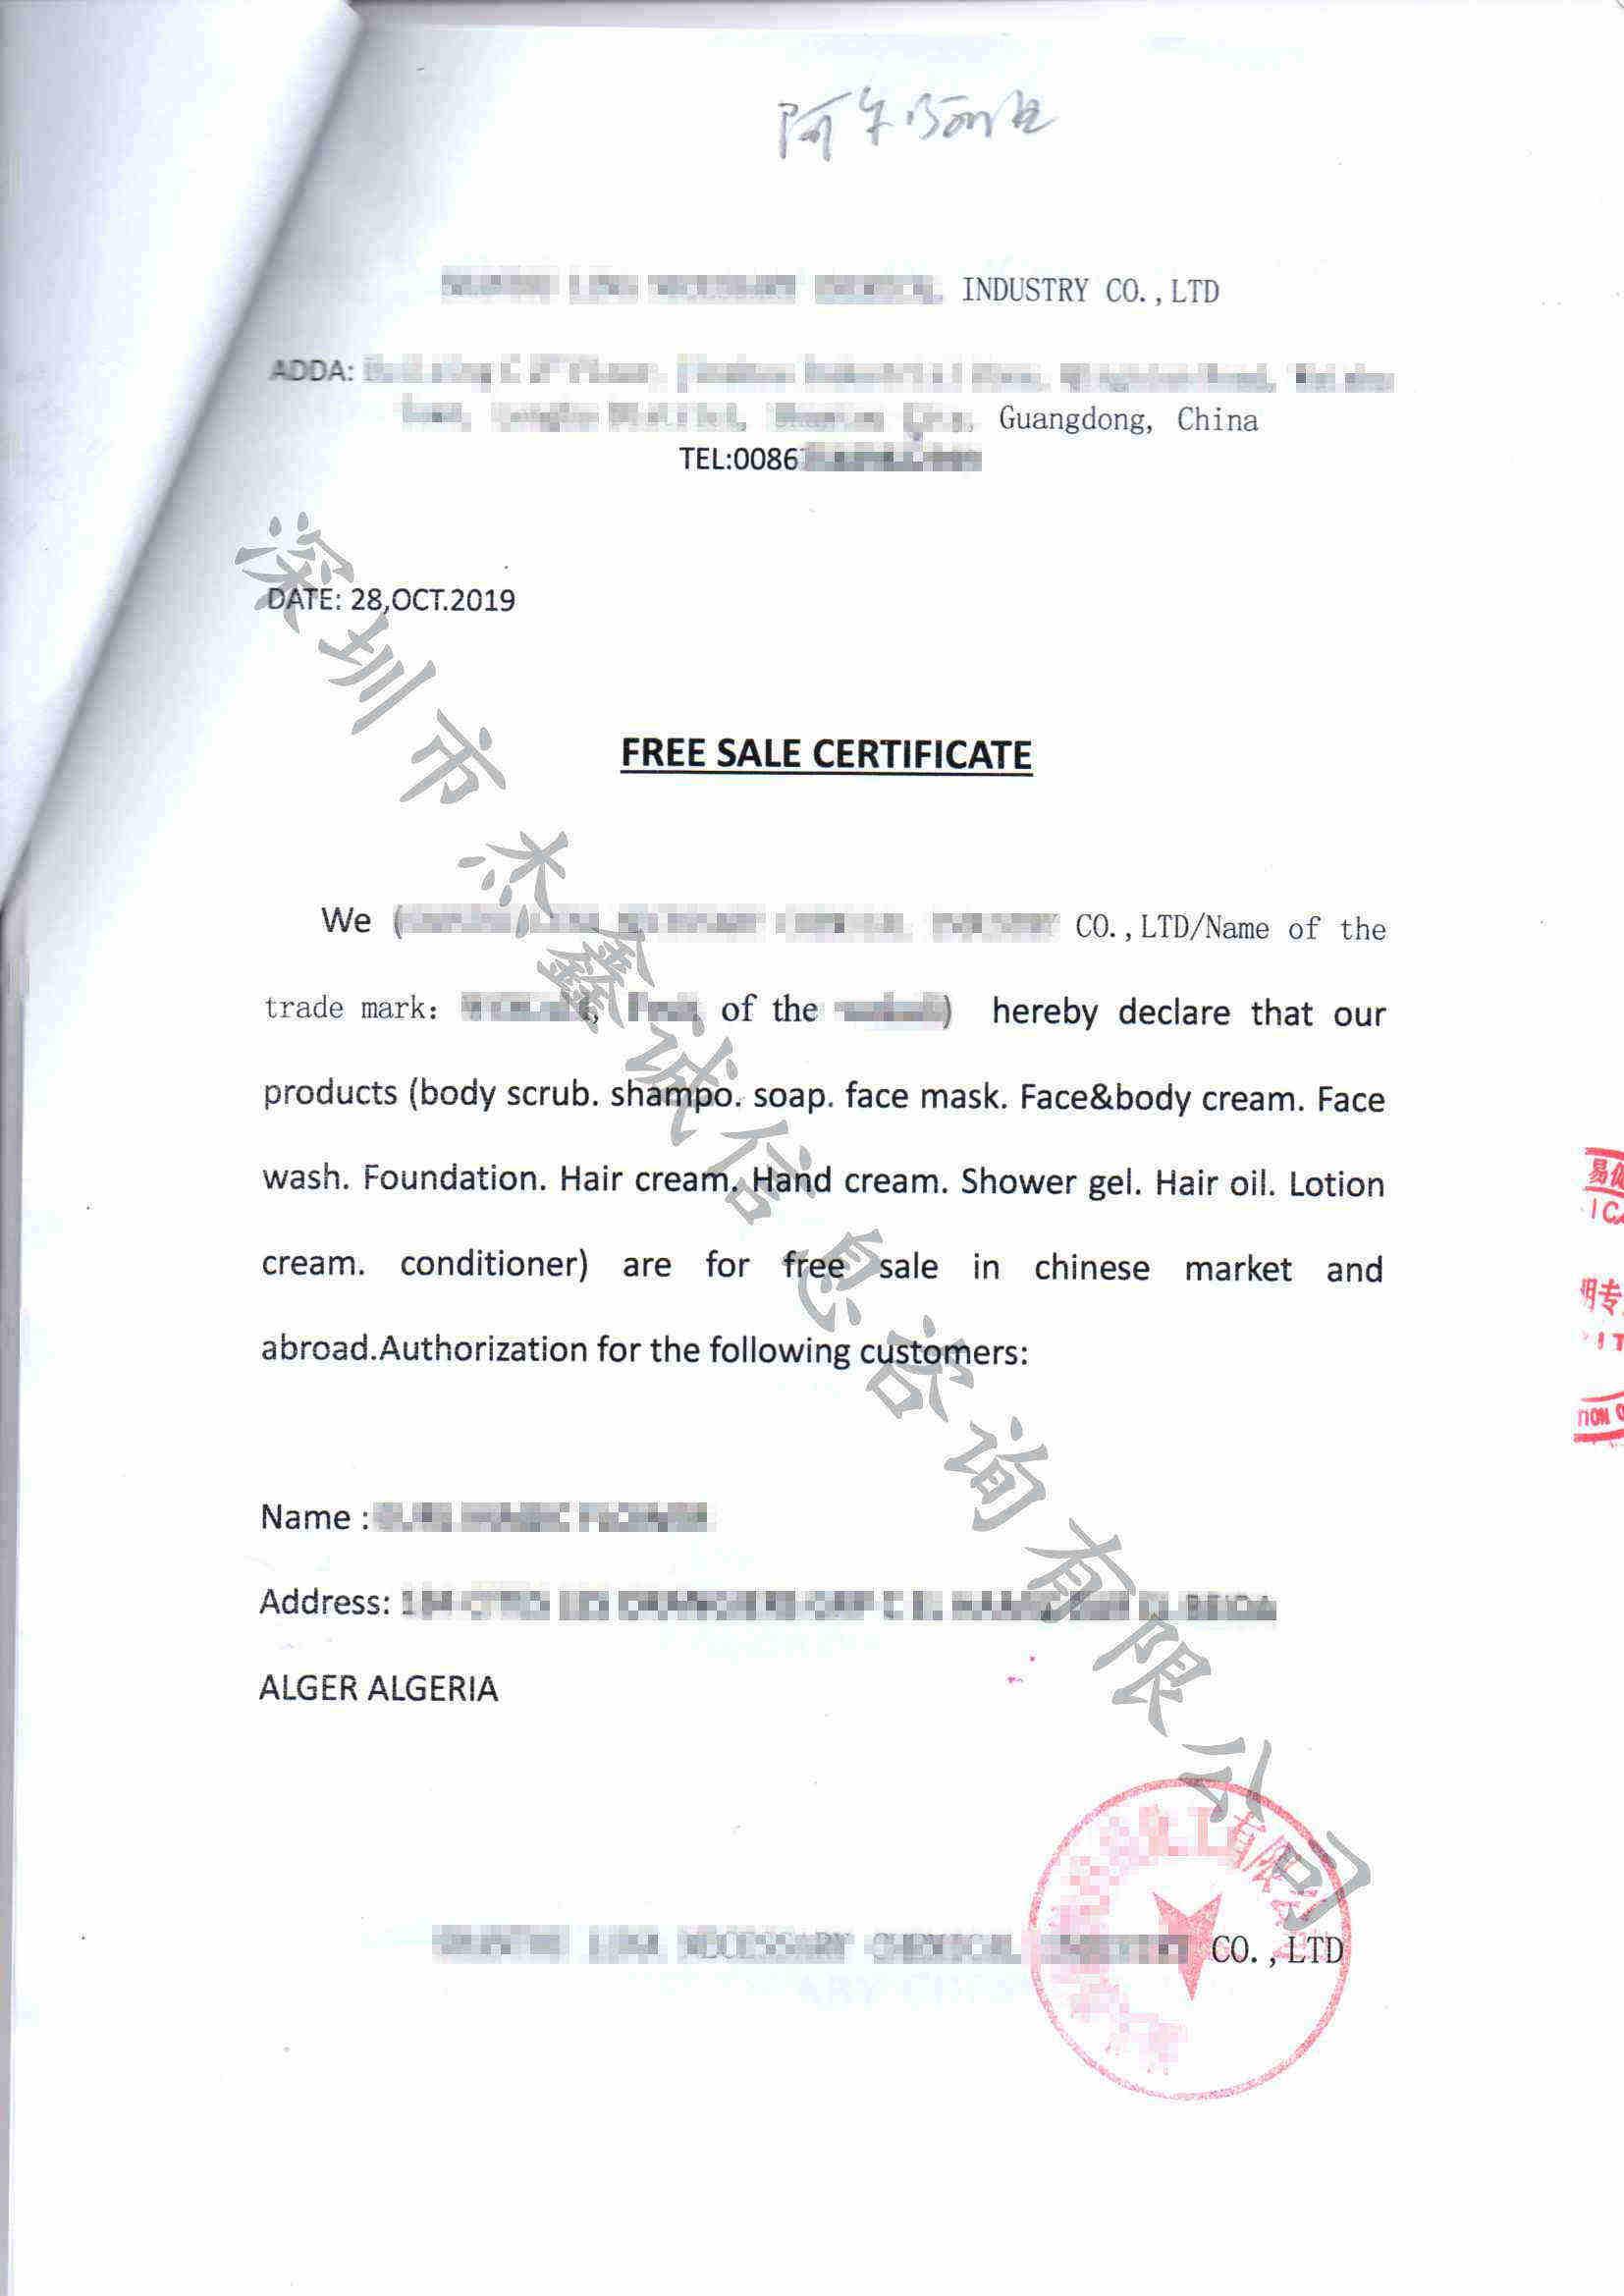 北京外交部认证电话_阿尔及利亚领事认证加签自由销售证_CCPIT加签|领事馆加签|商会 ...